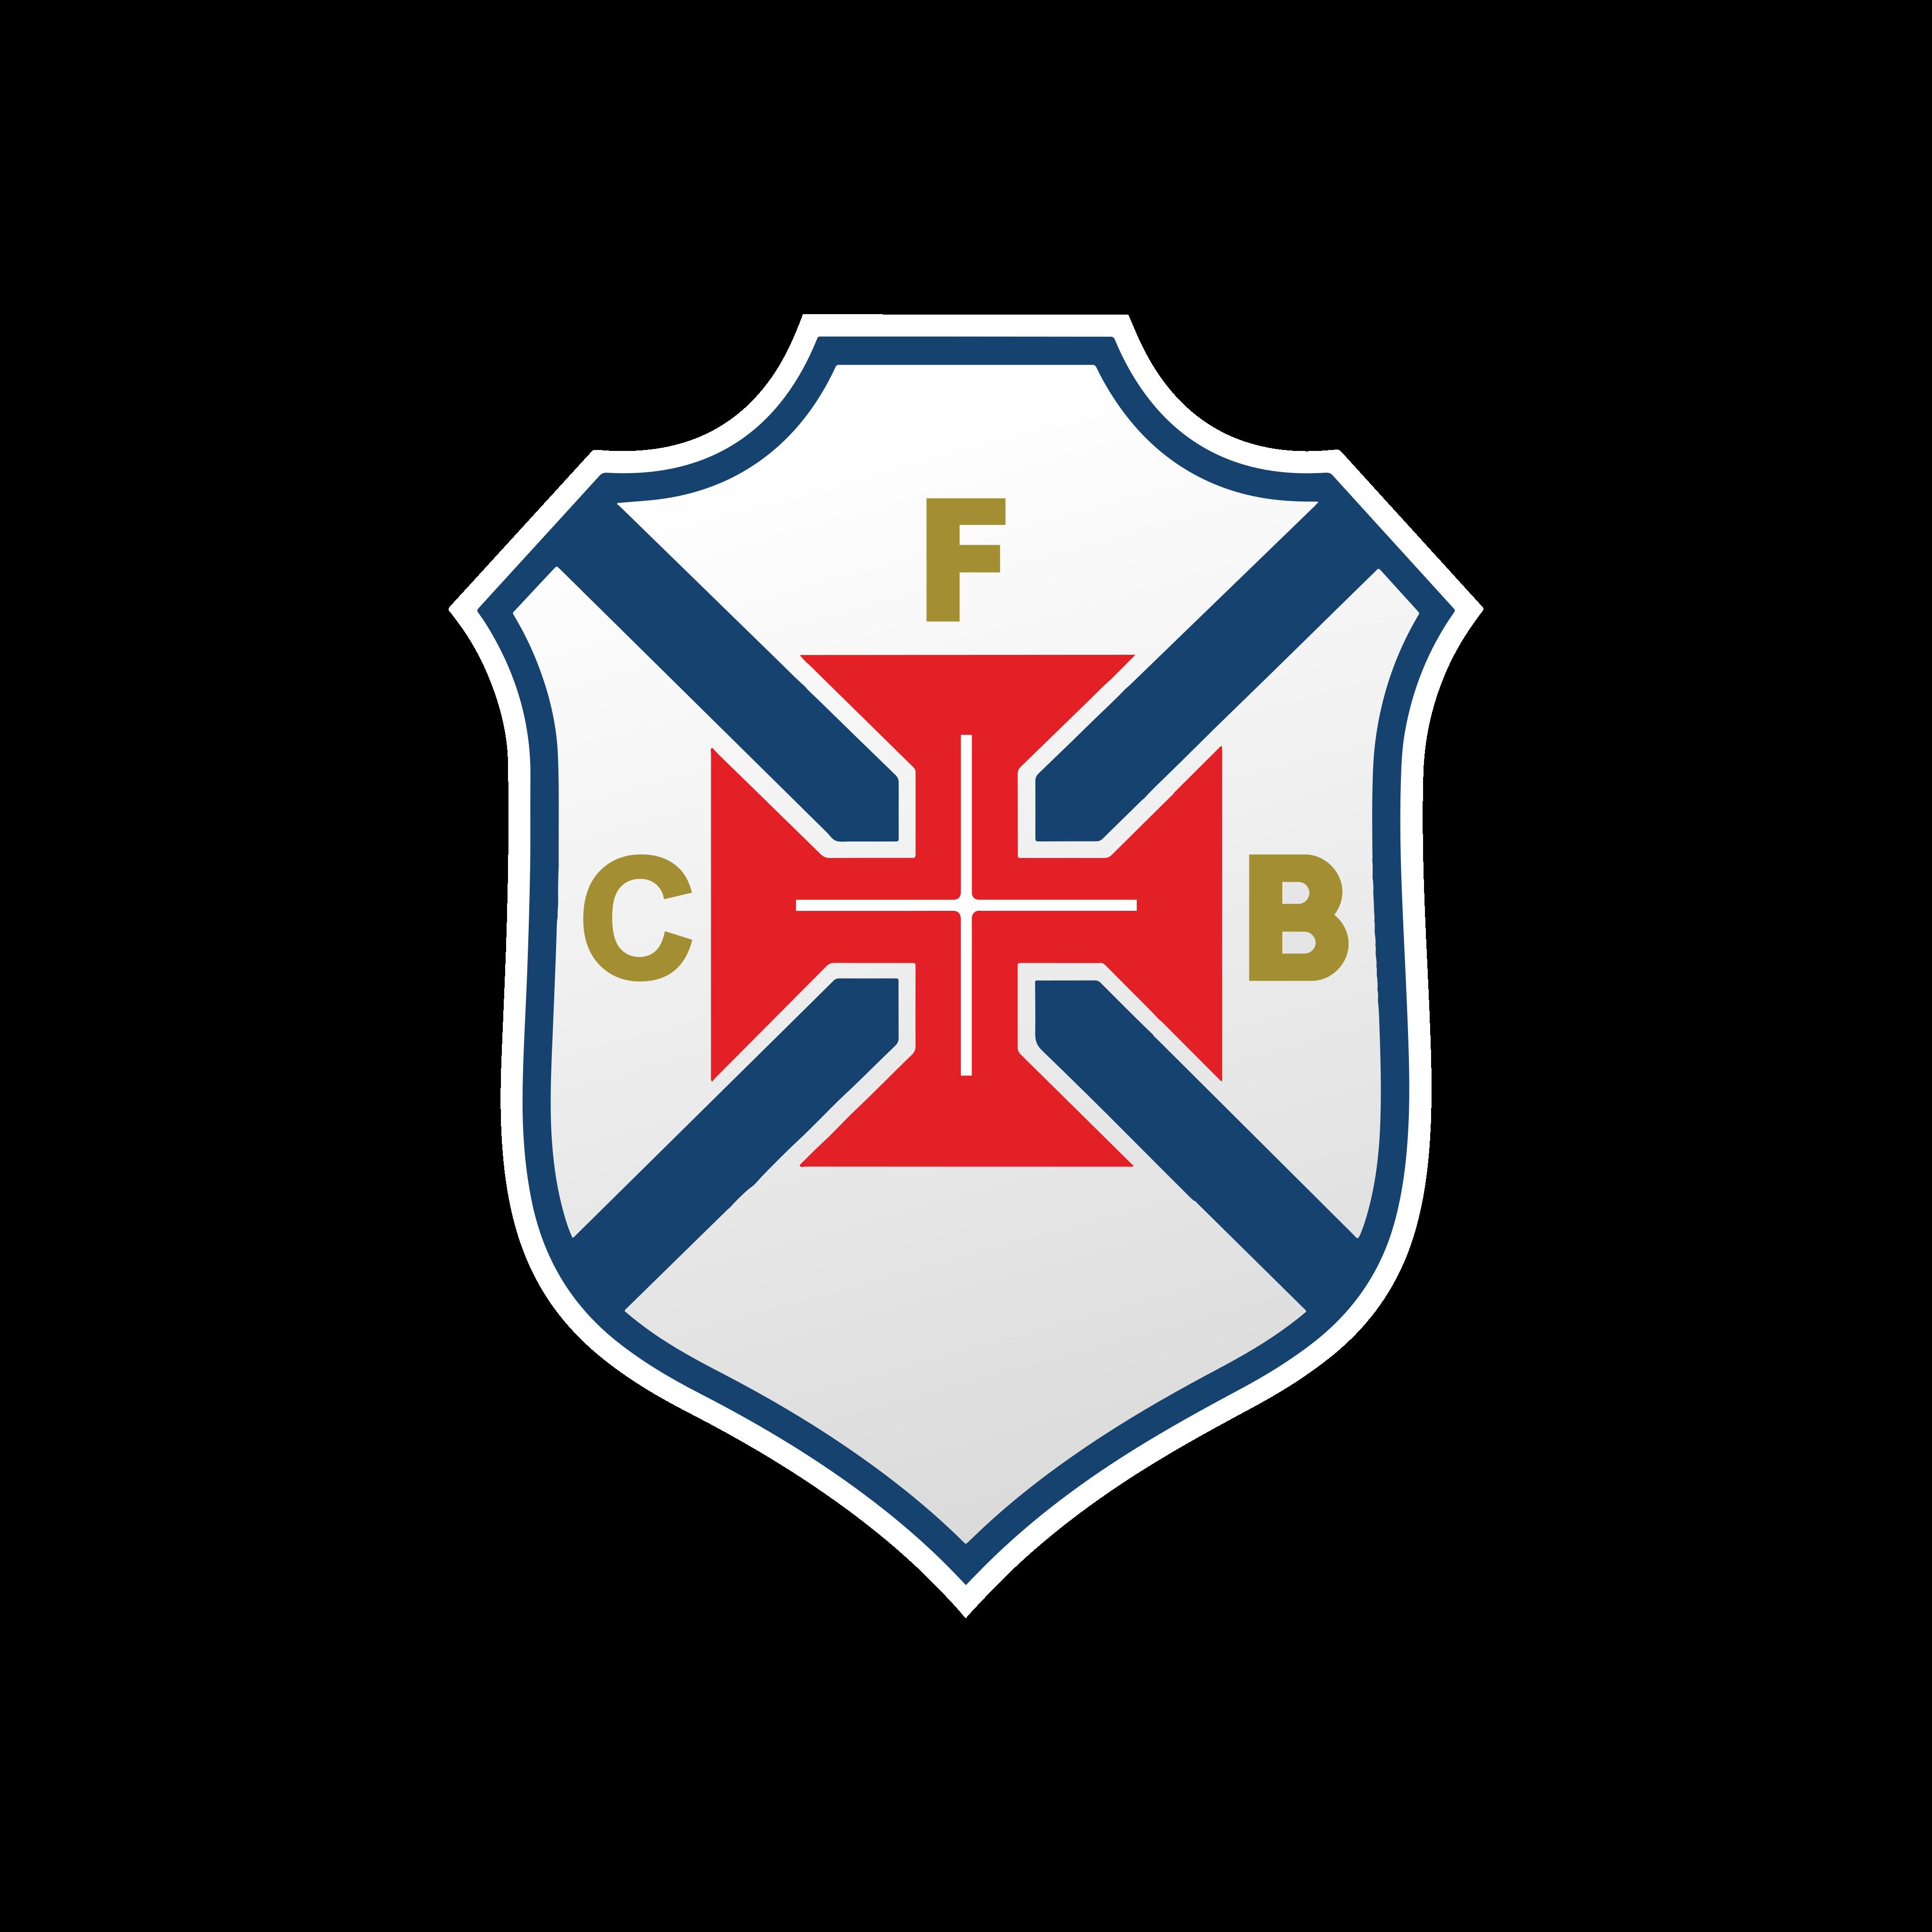 cf os belensenses 0 - CF Os Belensenses Logo